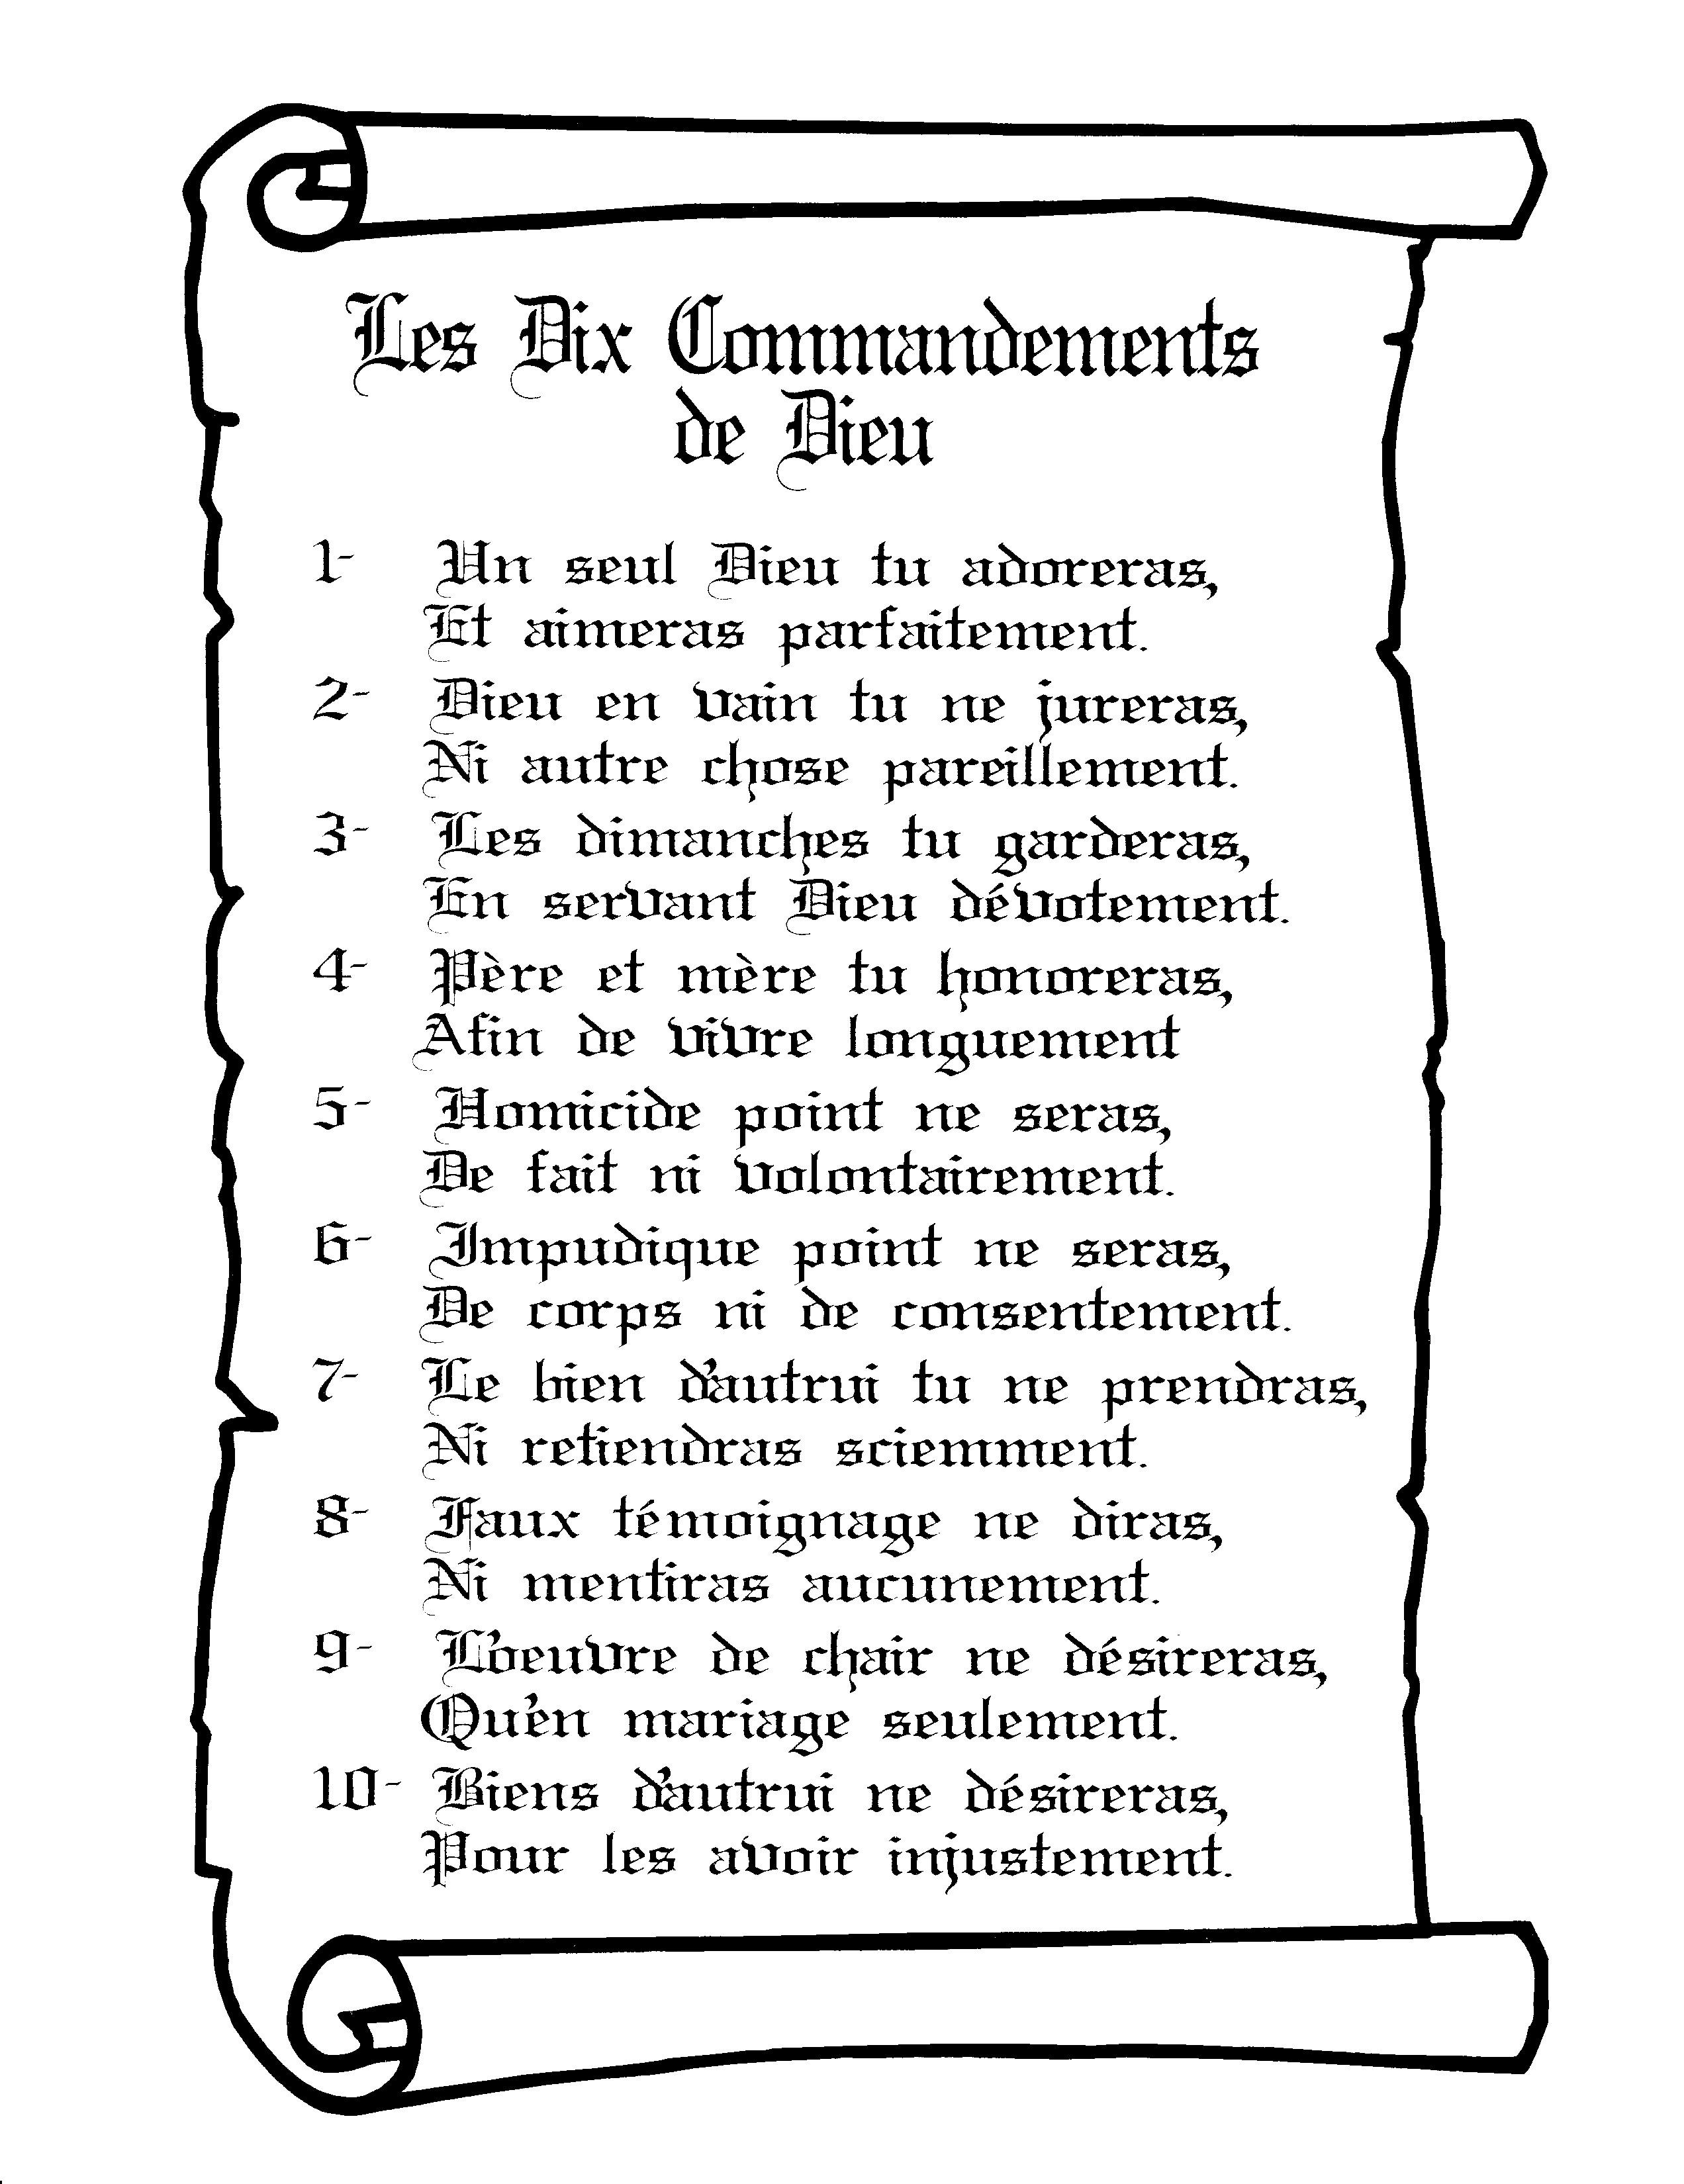 Les 10 Commandements De Dieu : commandements, Commandements, Blanc, Mission, Sainte, MARIE